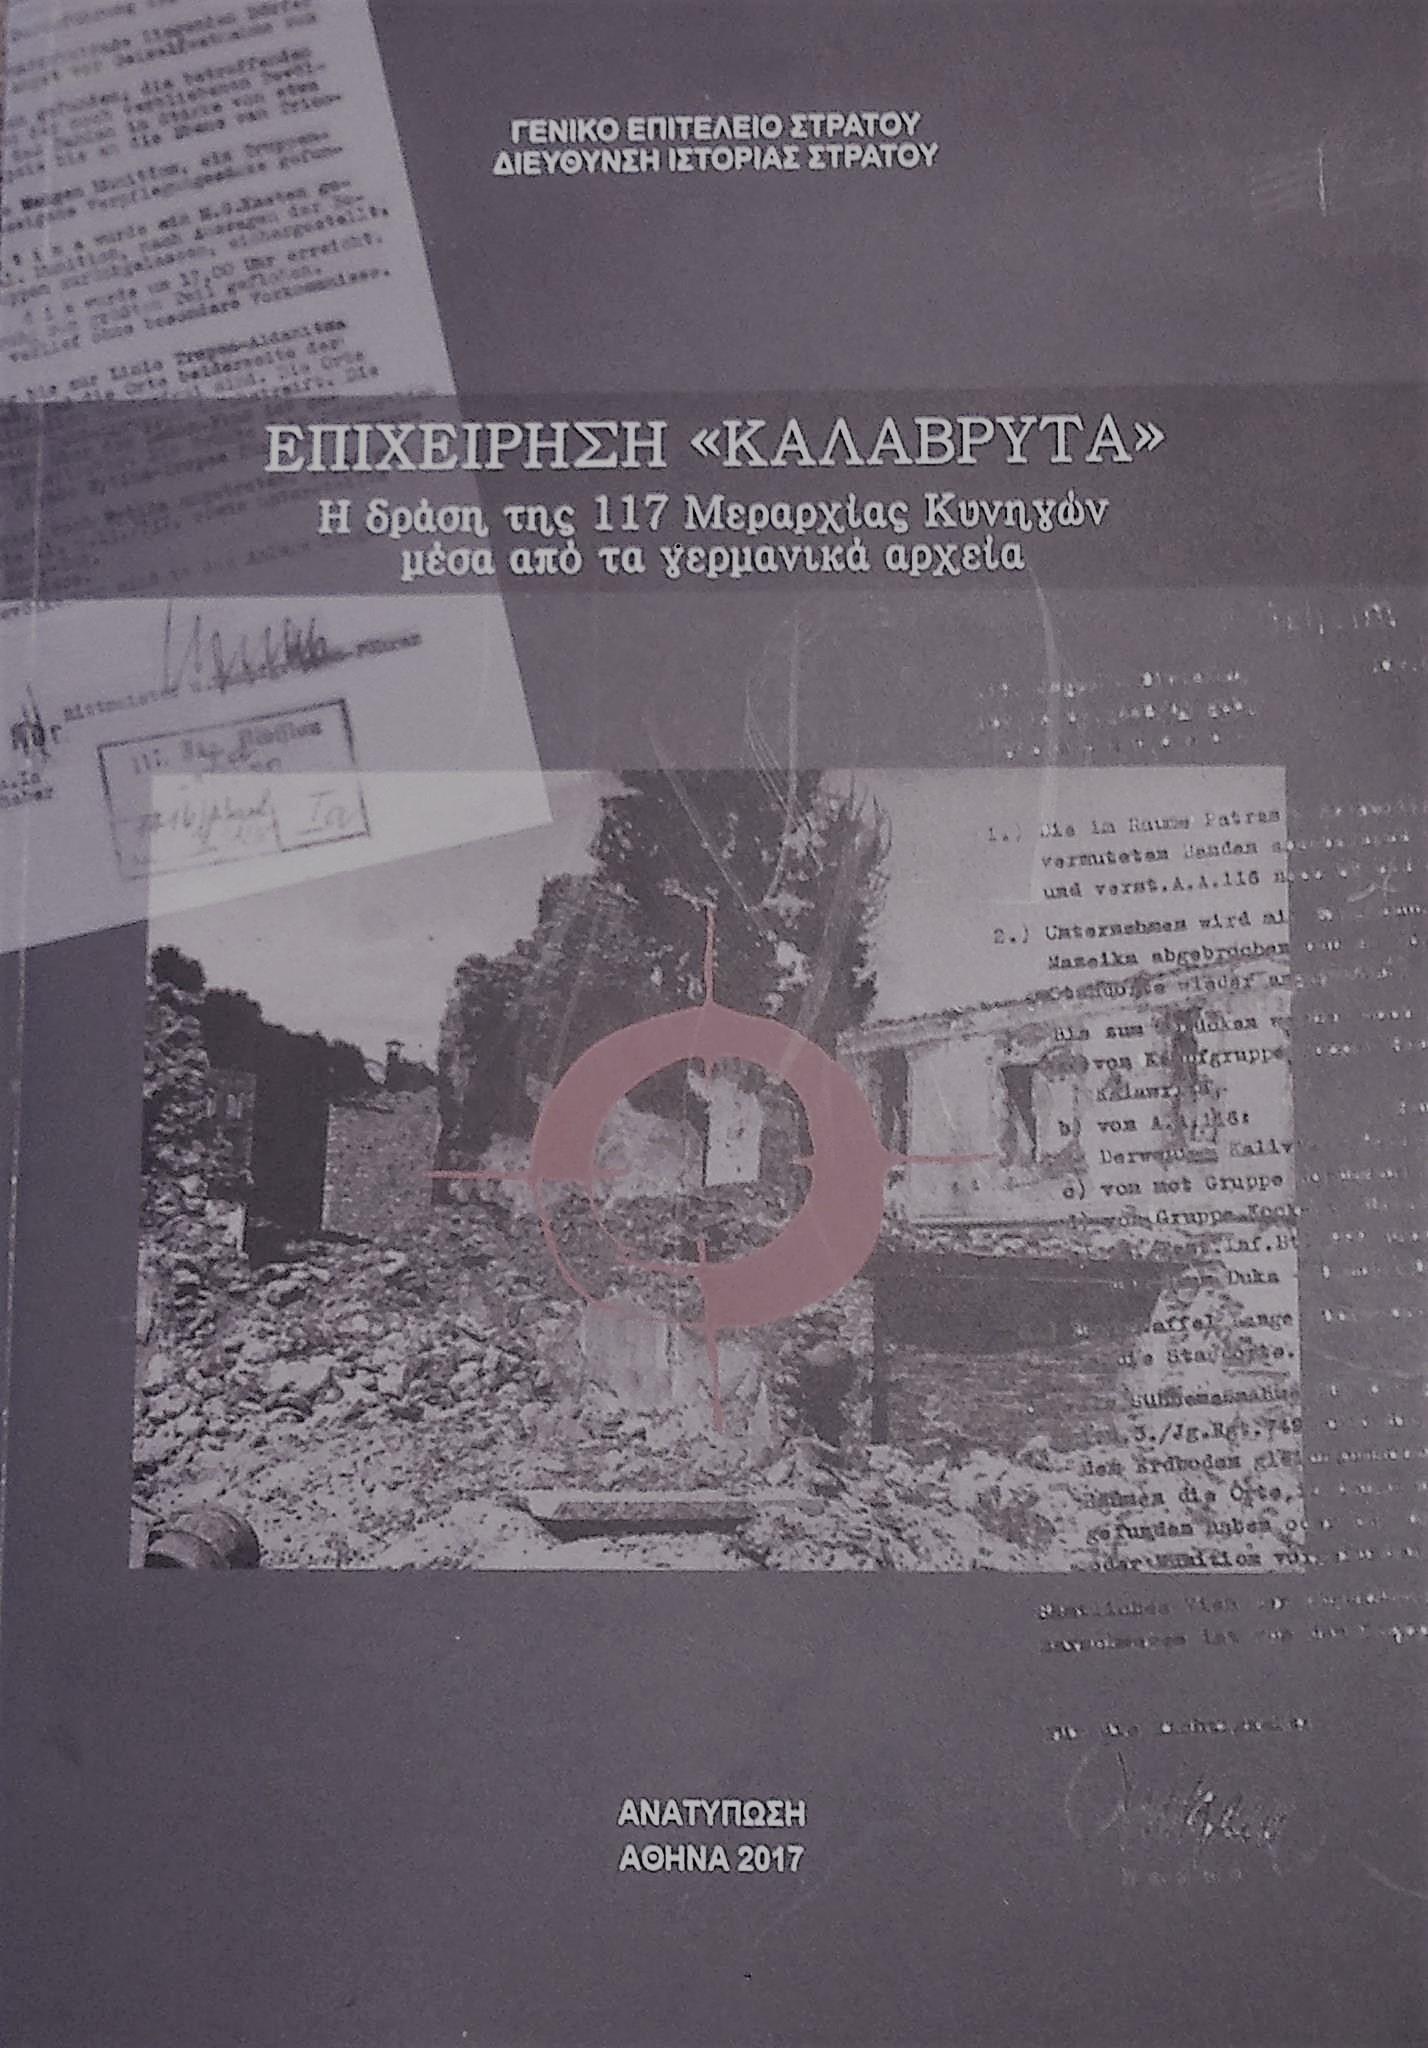 Επιχείρηση «Καλάβρυτα». Η δράση της 117 Μεραρχίας Κυνηγών μέσα από τα γερμανικά αρχεία. 2η έκδοση